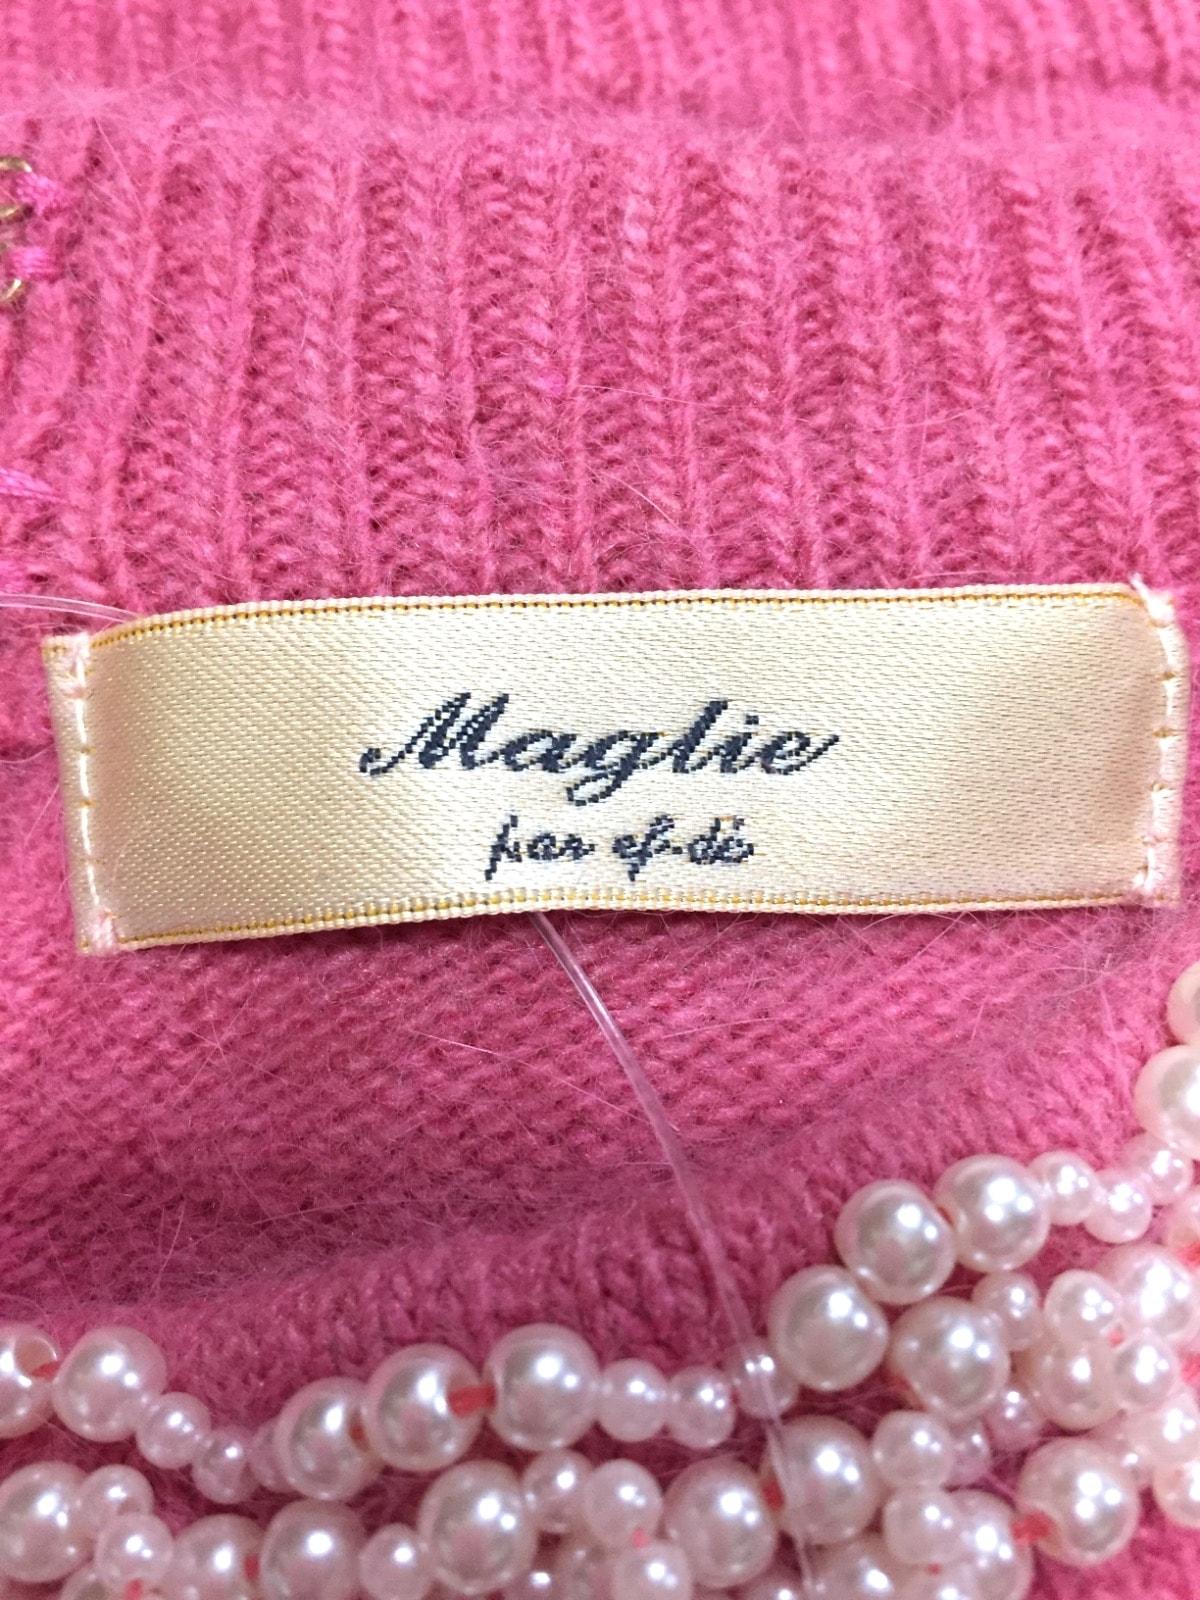 Maglie par ef-de(マーリエ)のセーター